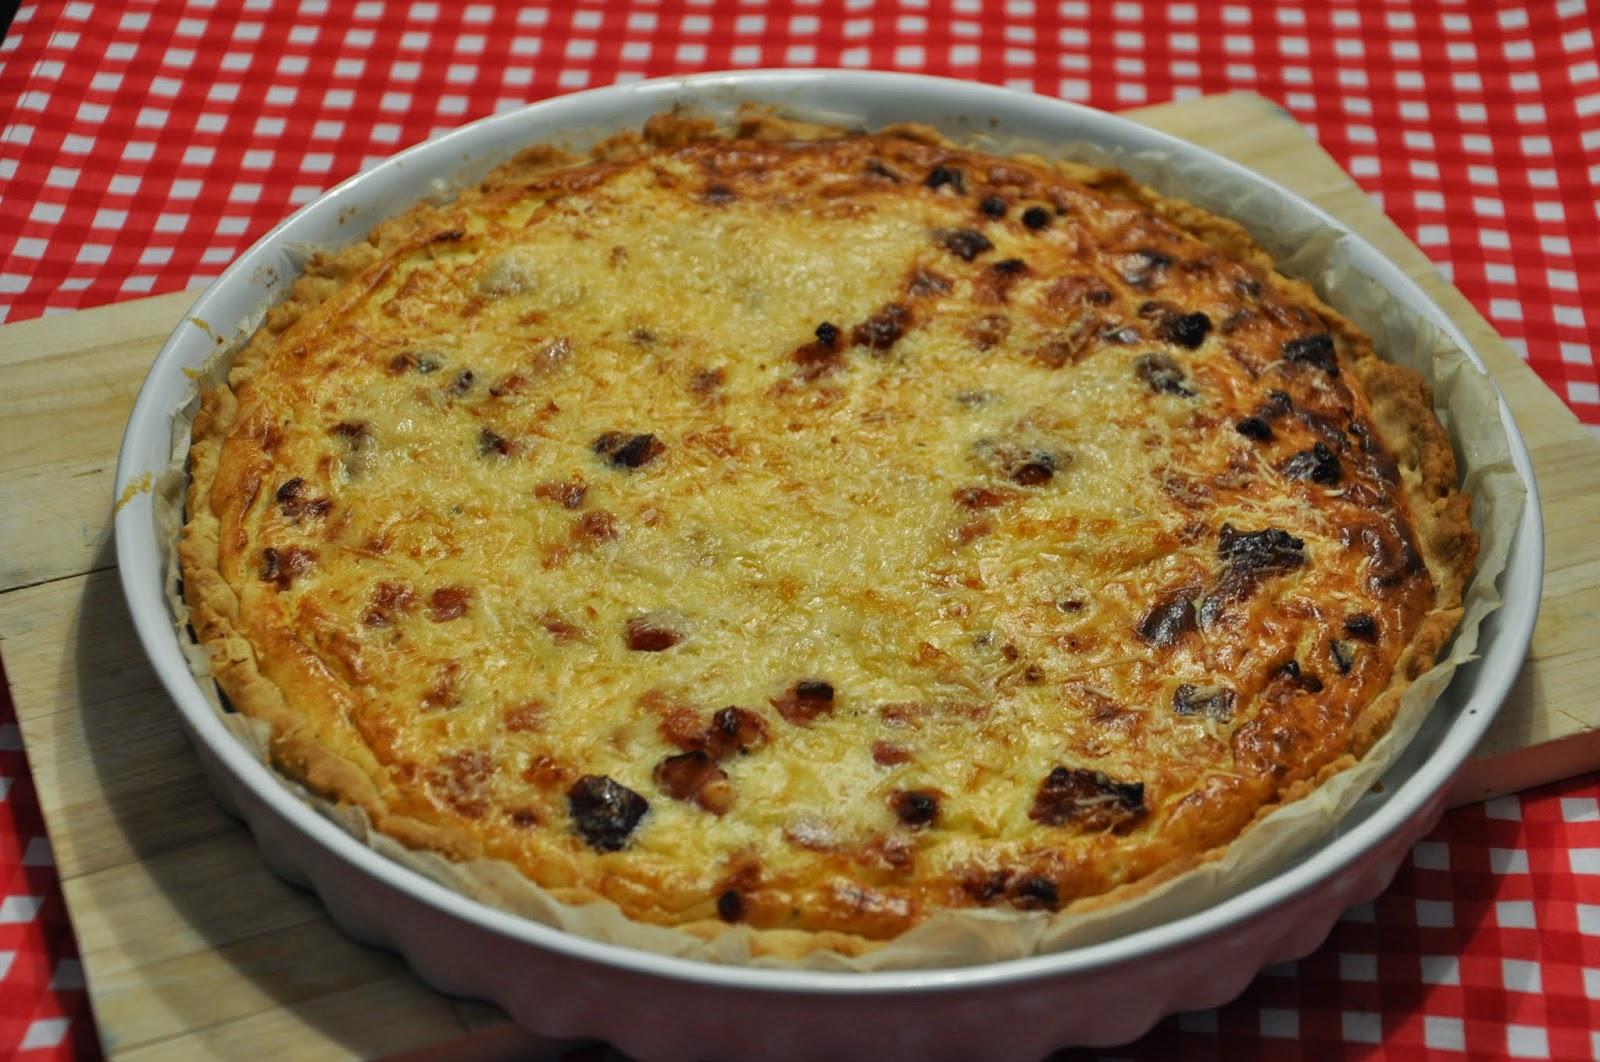 Paczek W Masle Blog Przewaznie Kulinarny Placek Lotarynski Z